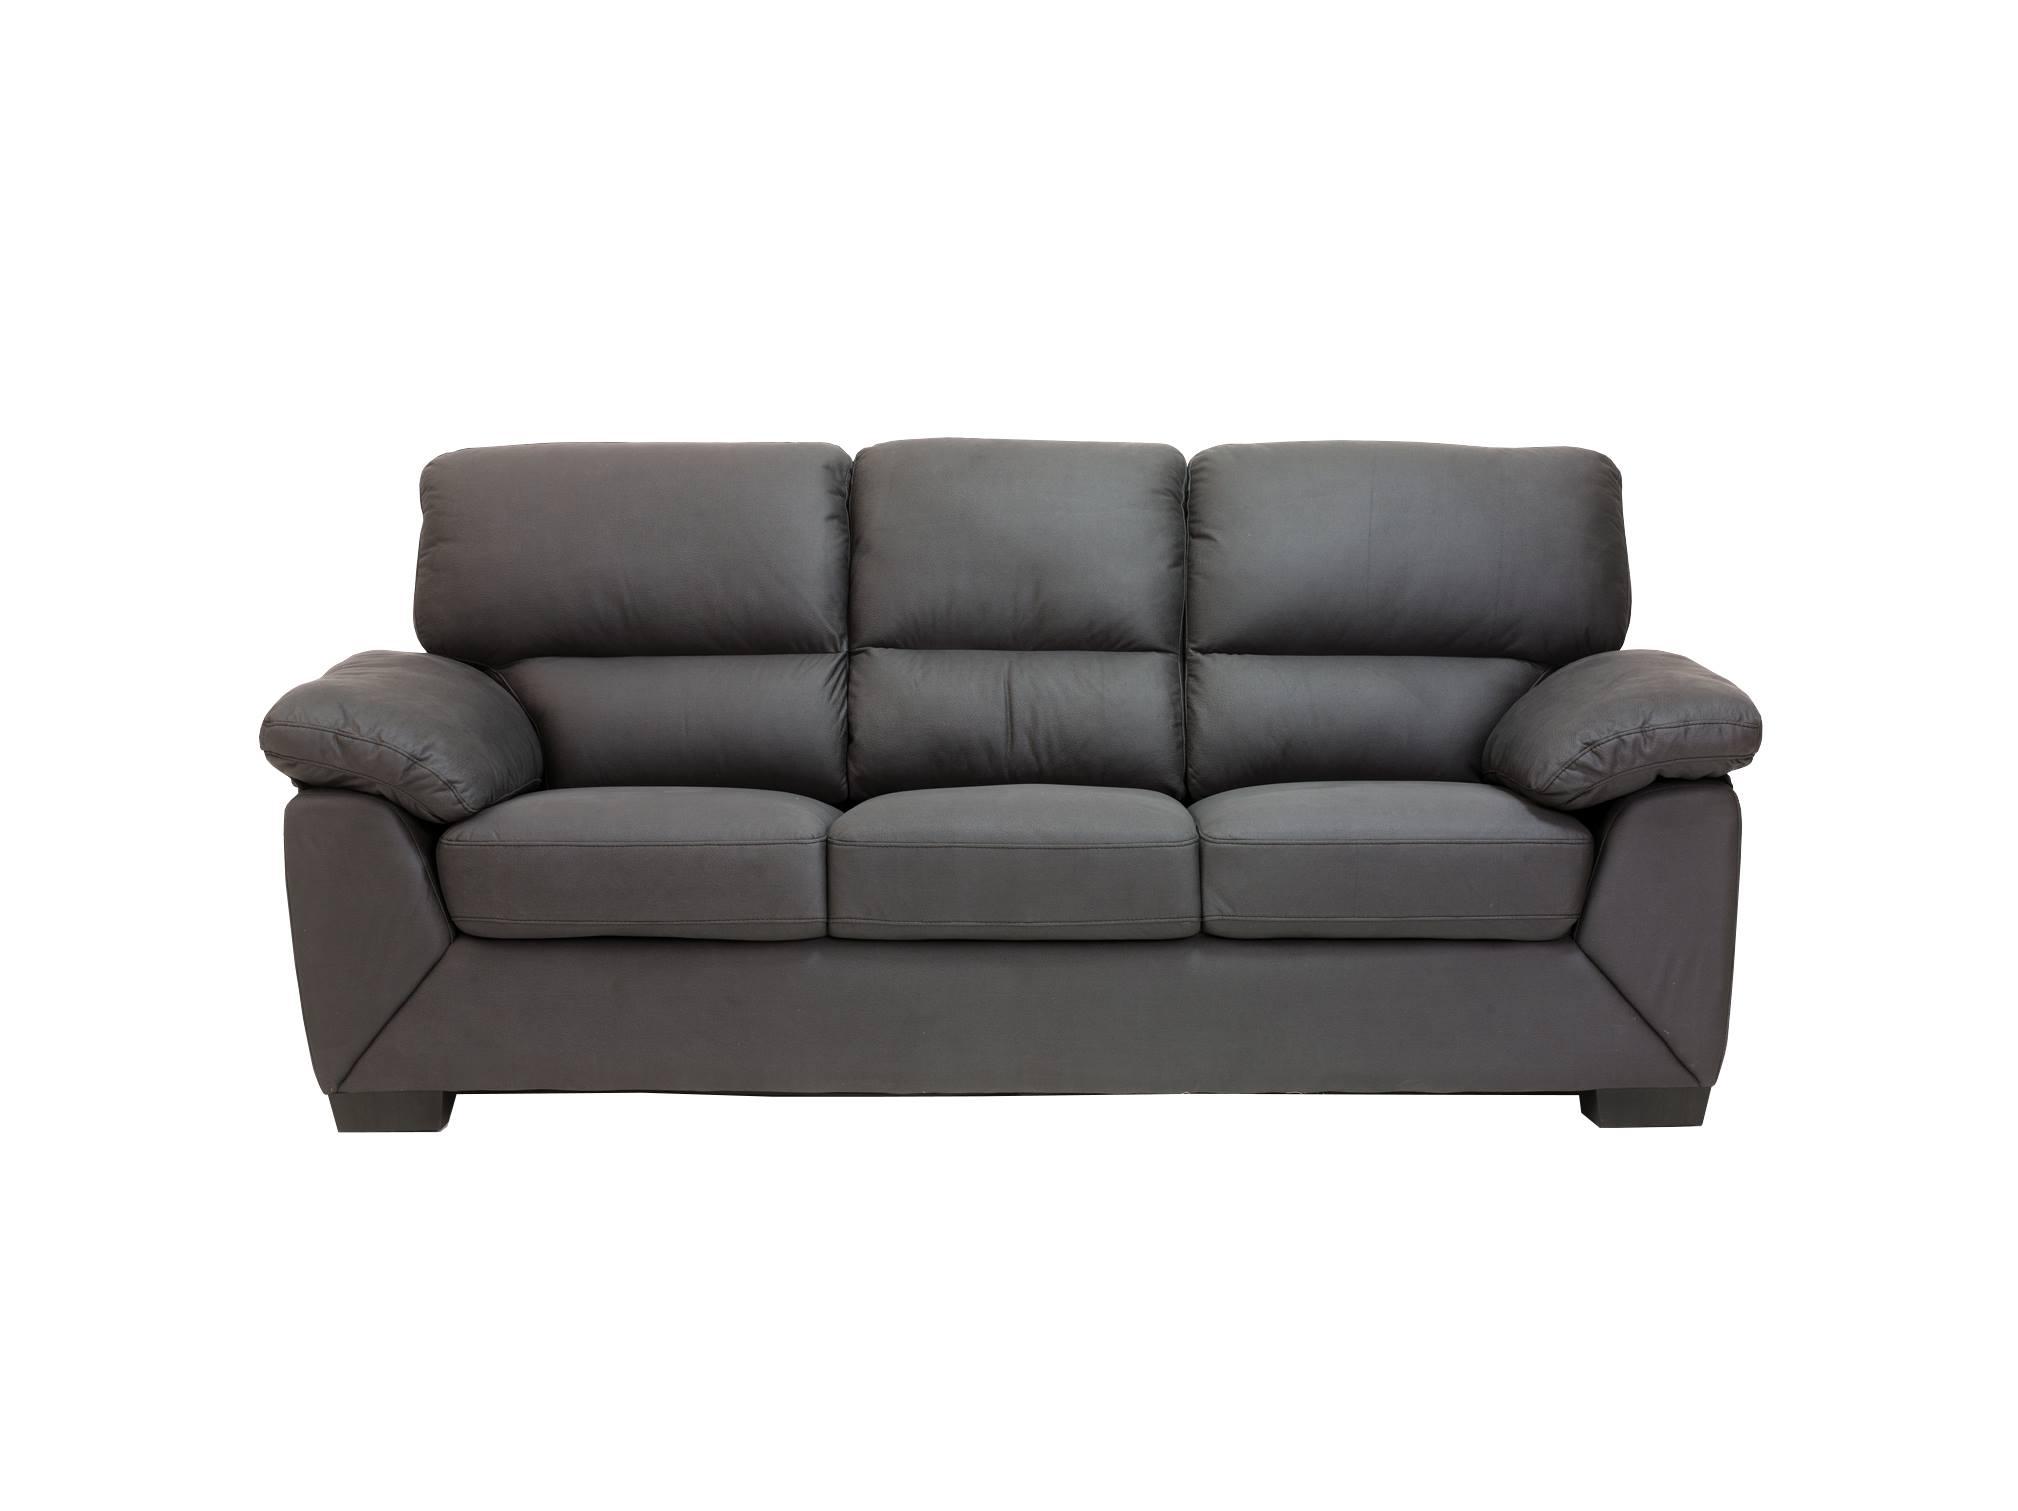 Pkline 3 sitzer sofa rica in grau couch couchgarnitur for Wohnlandschaft 10 personen